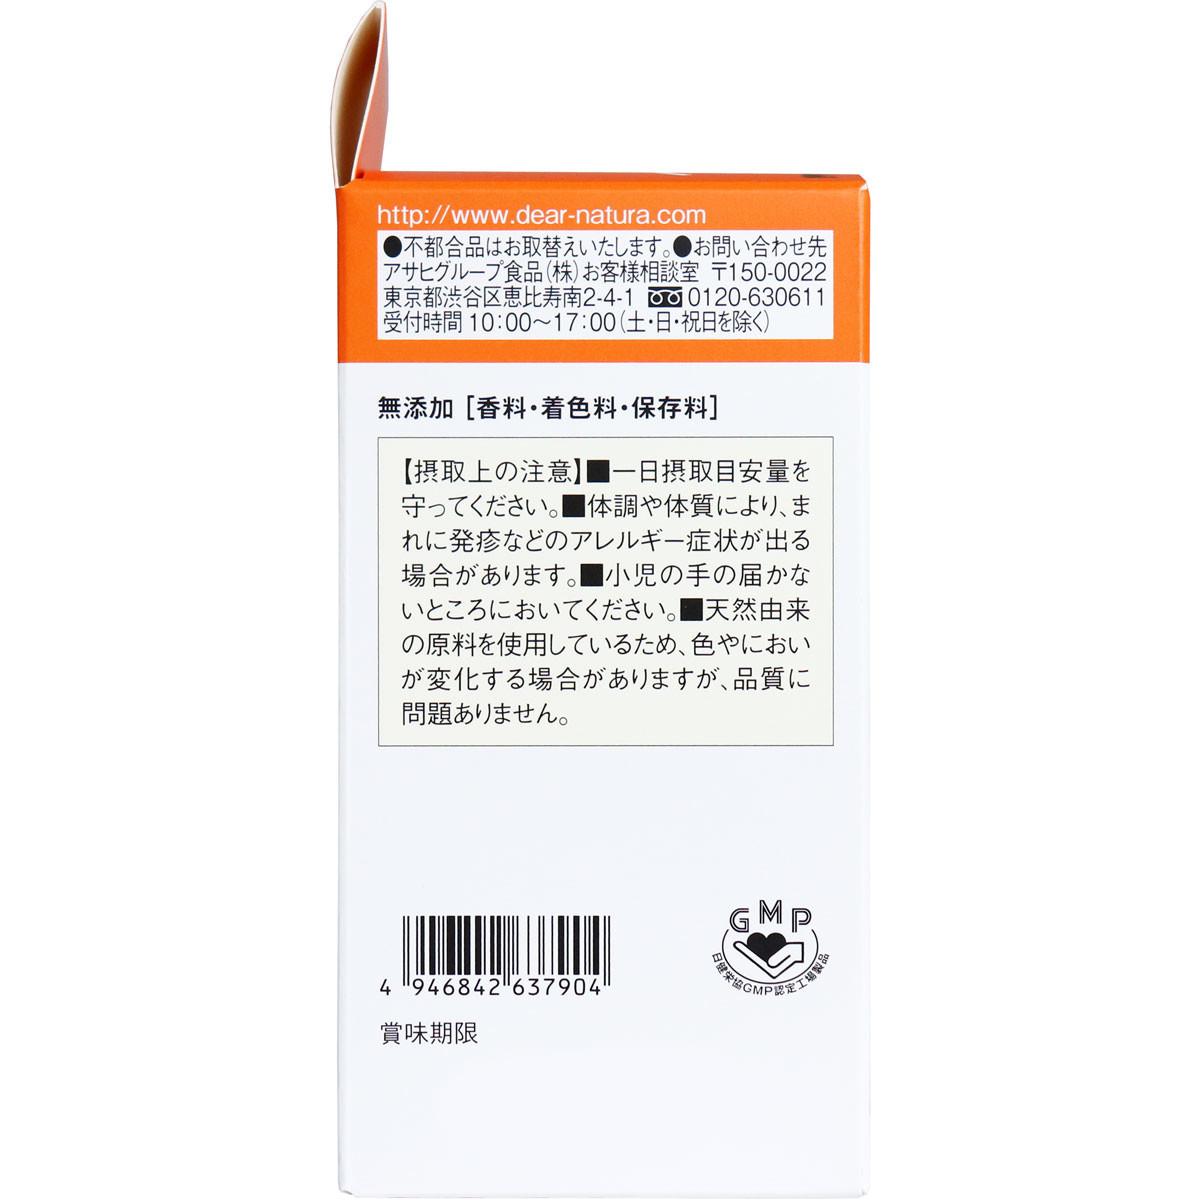 ディアナチュラゴールド グルコサミン【60日分 360粒入】